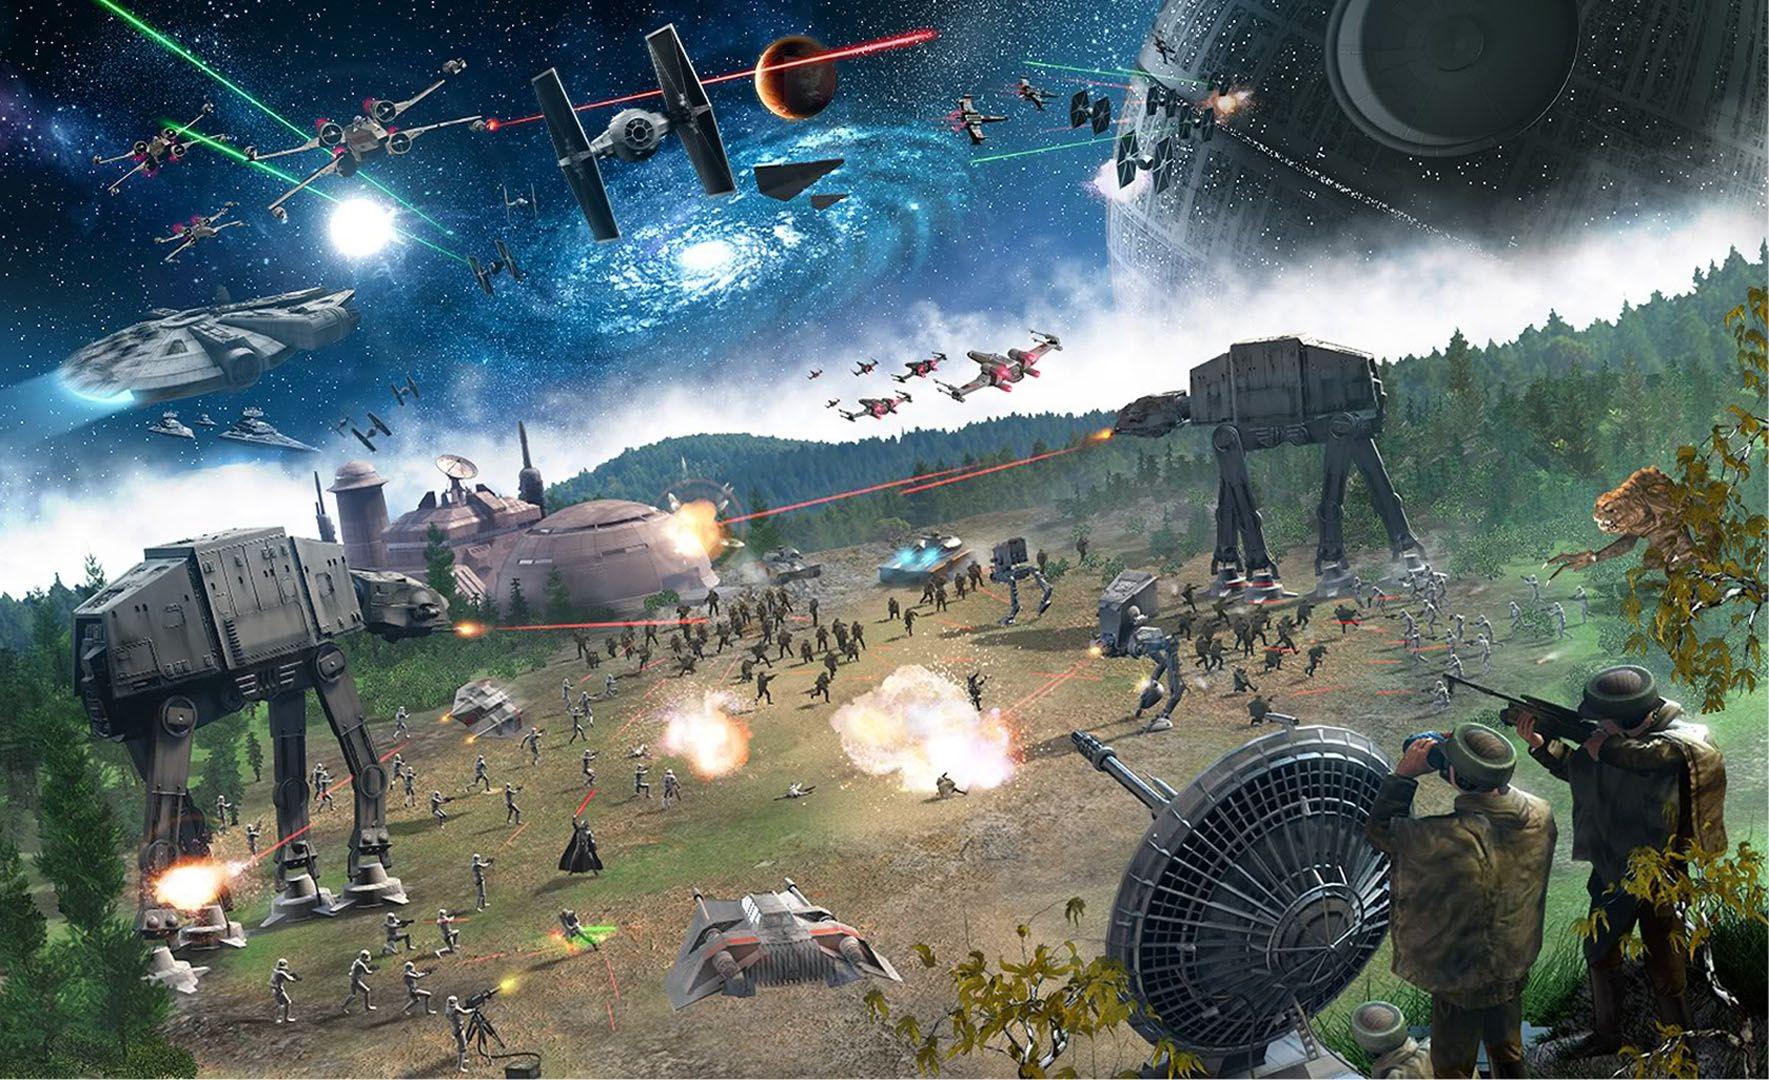 Star Wars Battle Wallpapers   Top Star Wars Battle 1769x1080